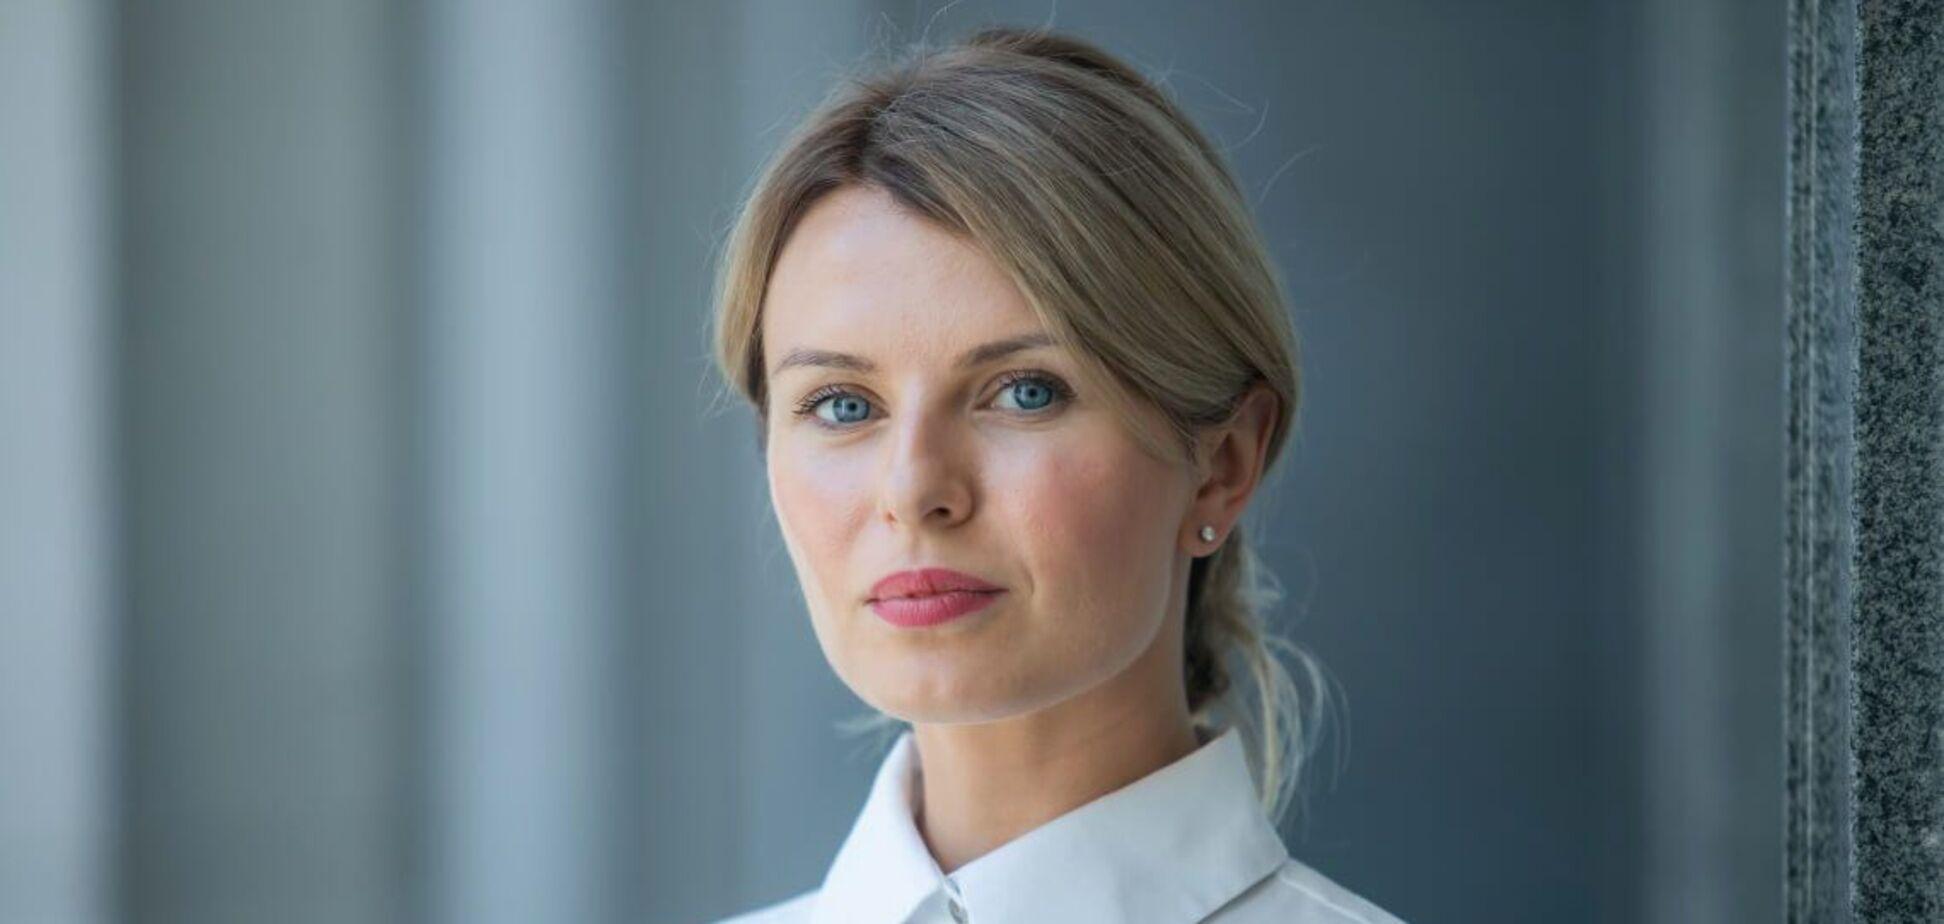 Впервые в истории: Бюро женщин-парламентариев МПС возглавила украинка Леся Василенко